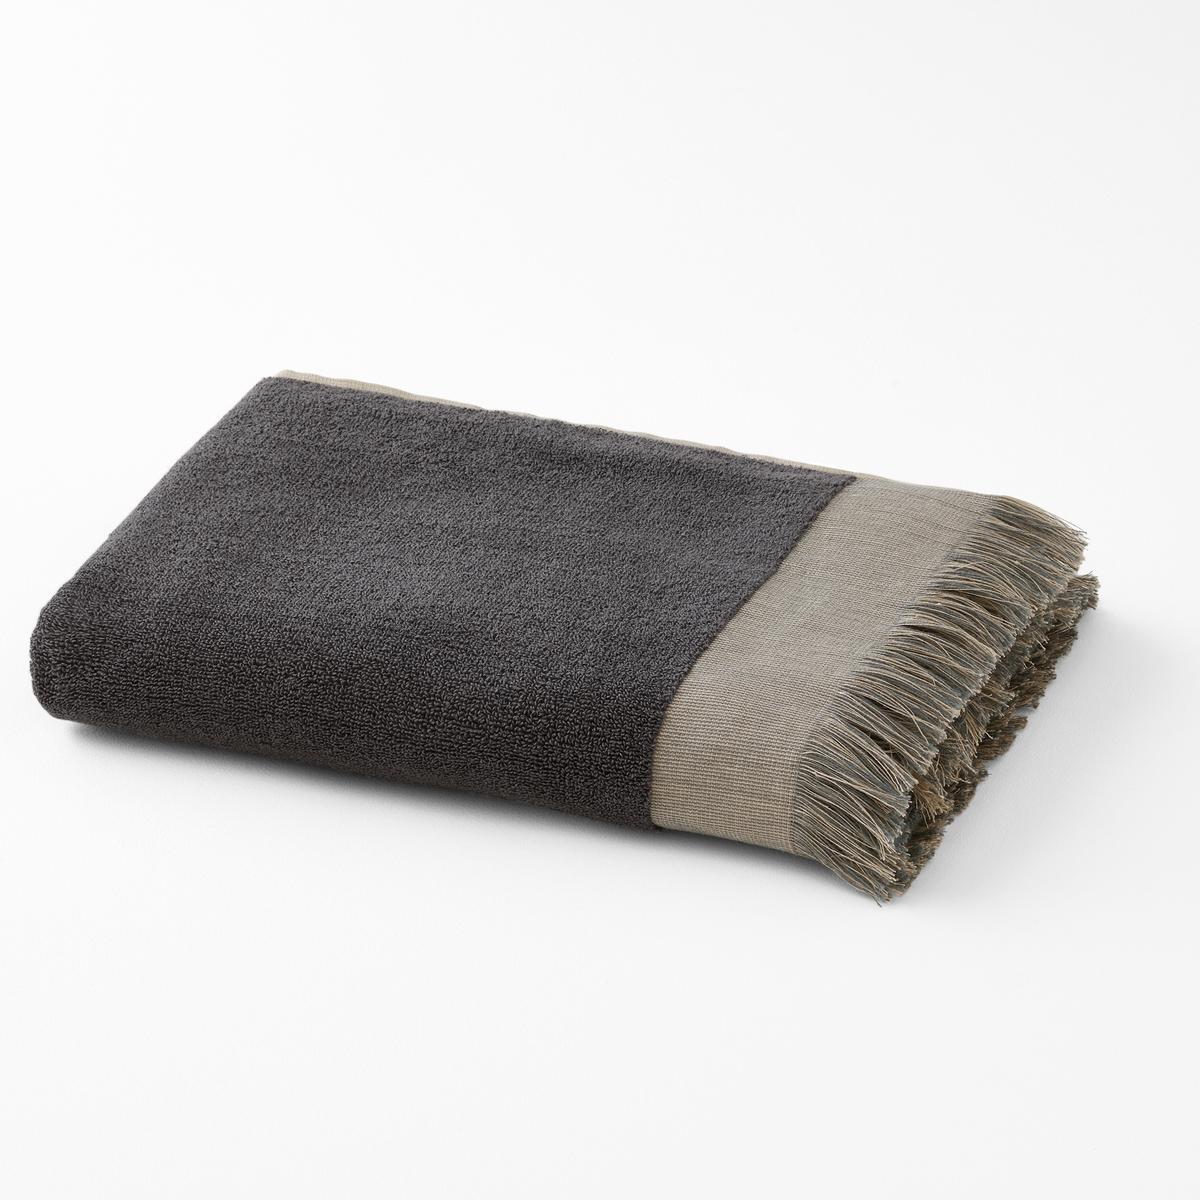 Полотенце La Redoute Махровое из хлопка с бахромой HAMMAM 50 x 100 см серый полотенце proffi home классик цвет шоколадный 50 x 100 см